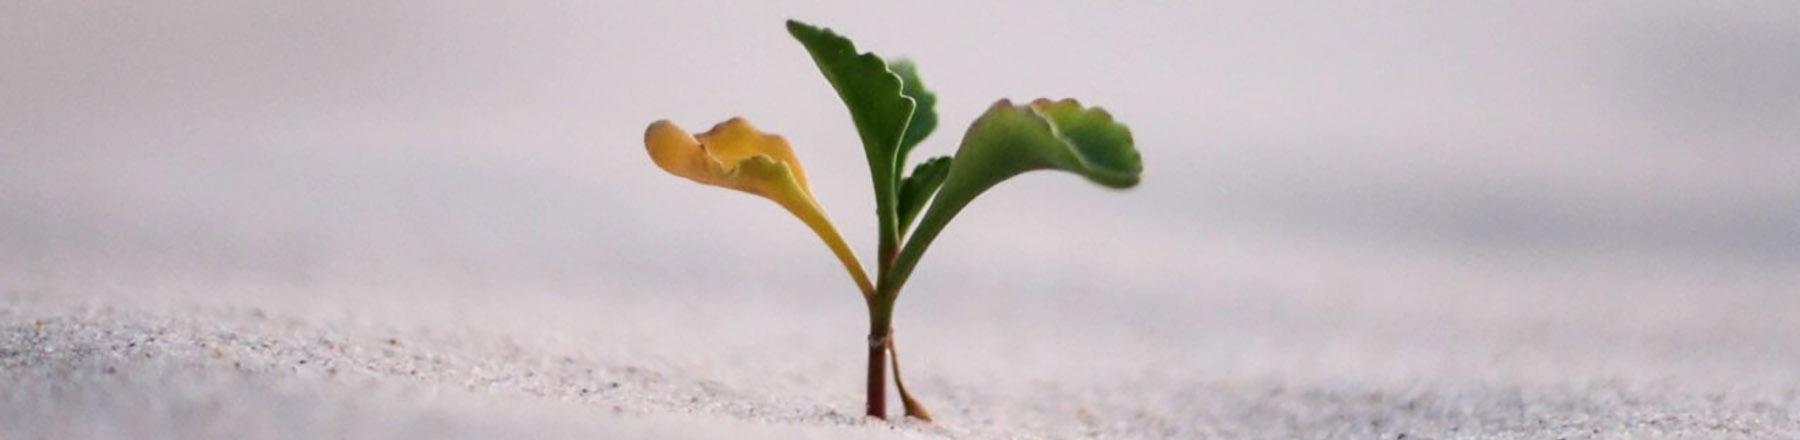 رشد کسب و کار شما با پیام انتظار اختصاصی